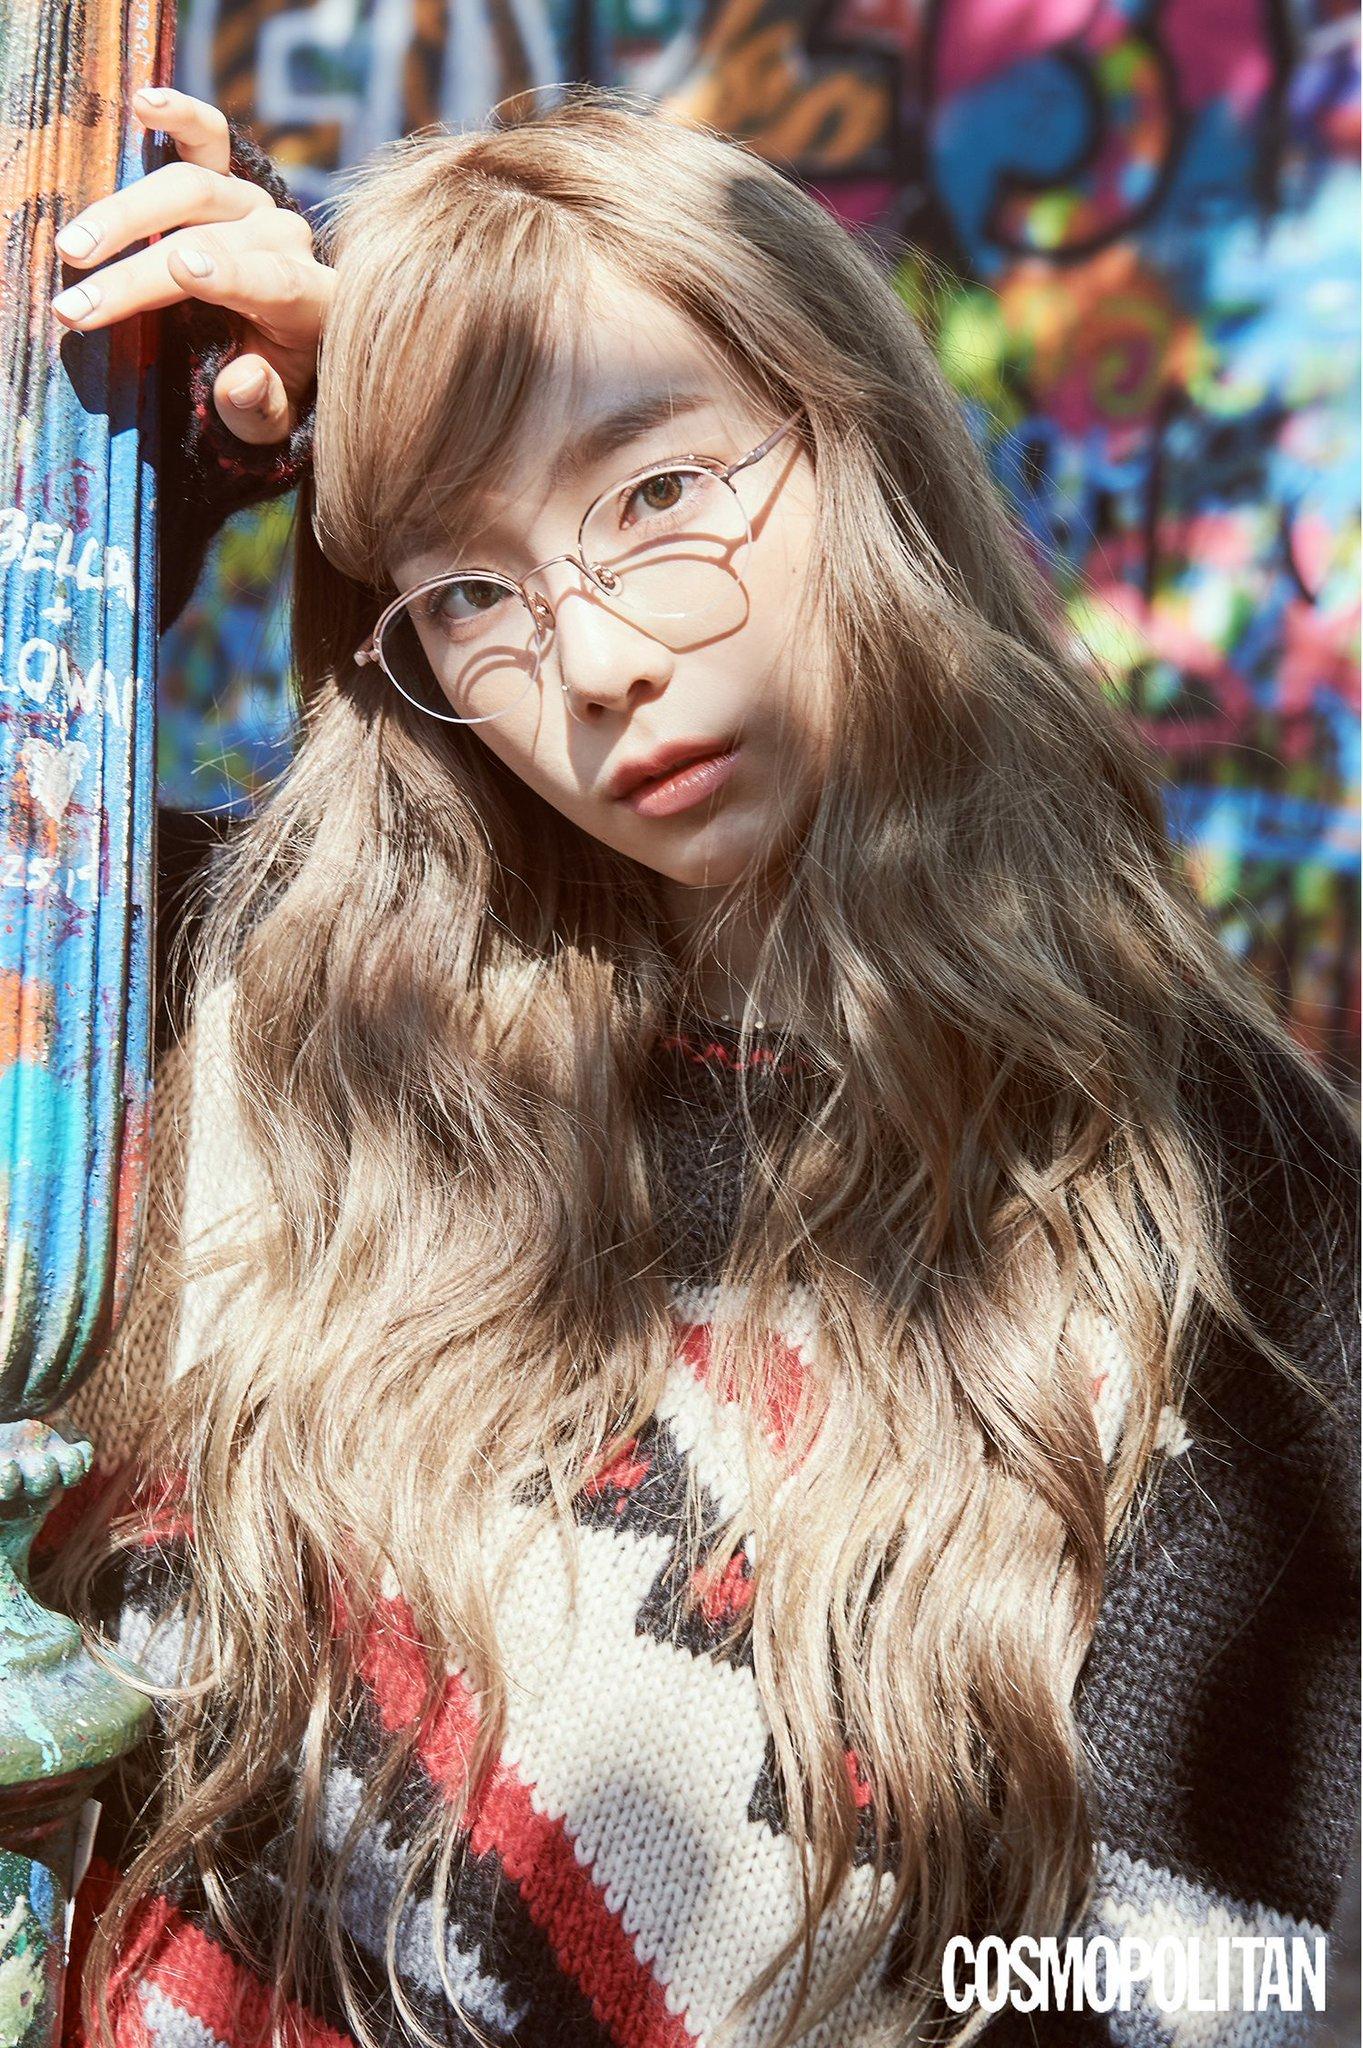 少女时代金泰妍亮相秋季眼镜时尚自然的妆容也能凸显美丽